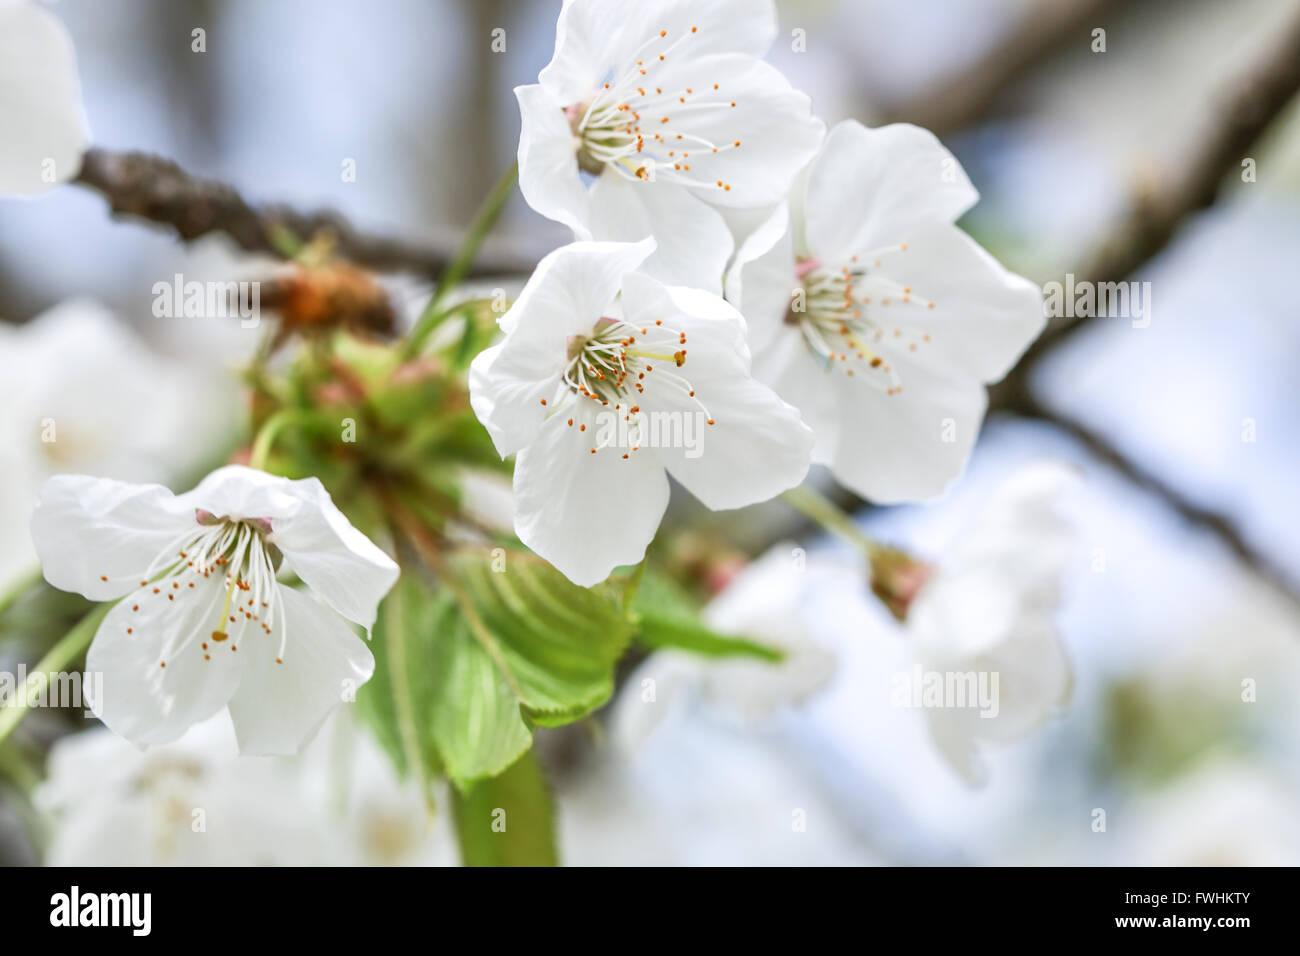 Fleur de cerisier blanc Photo Stock